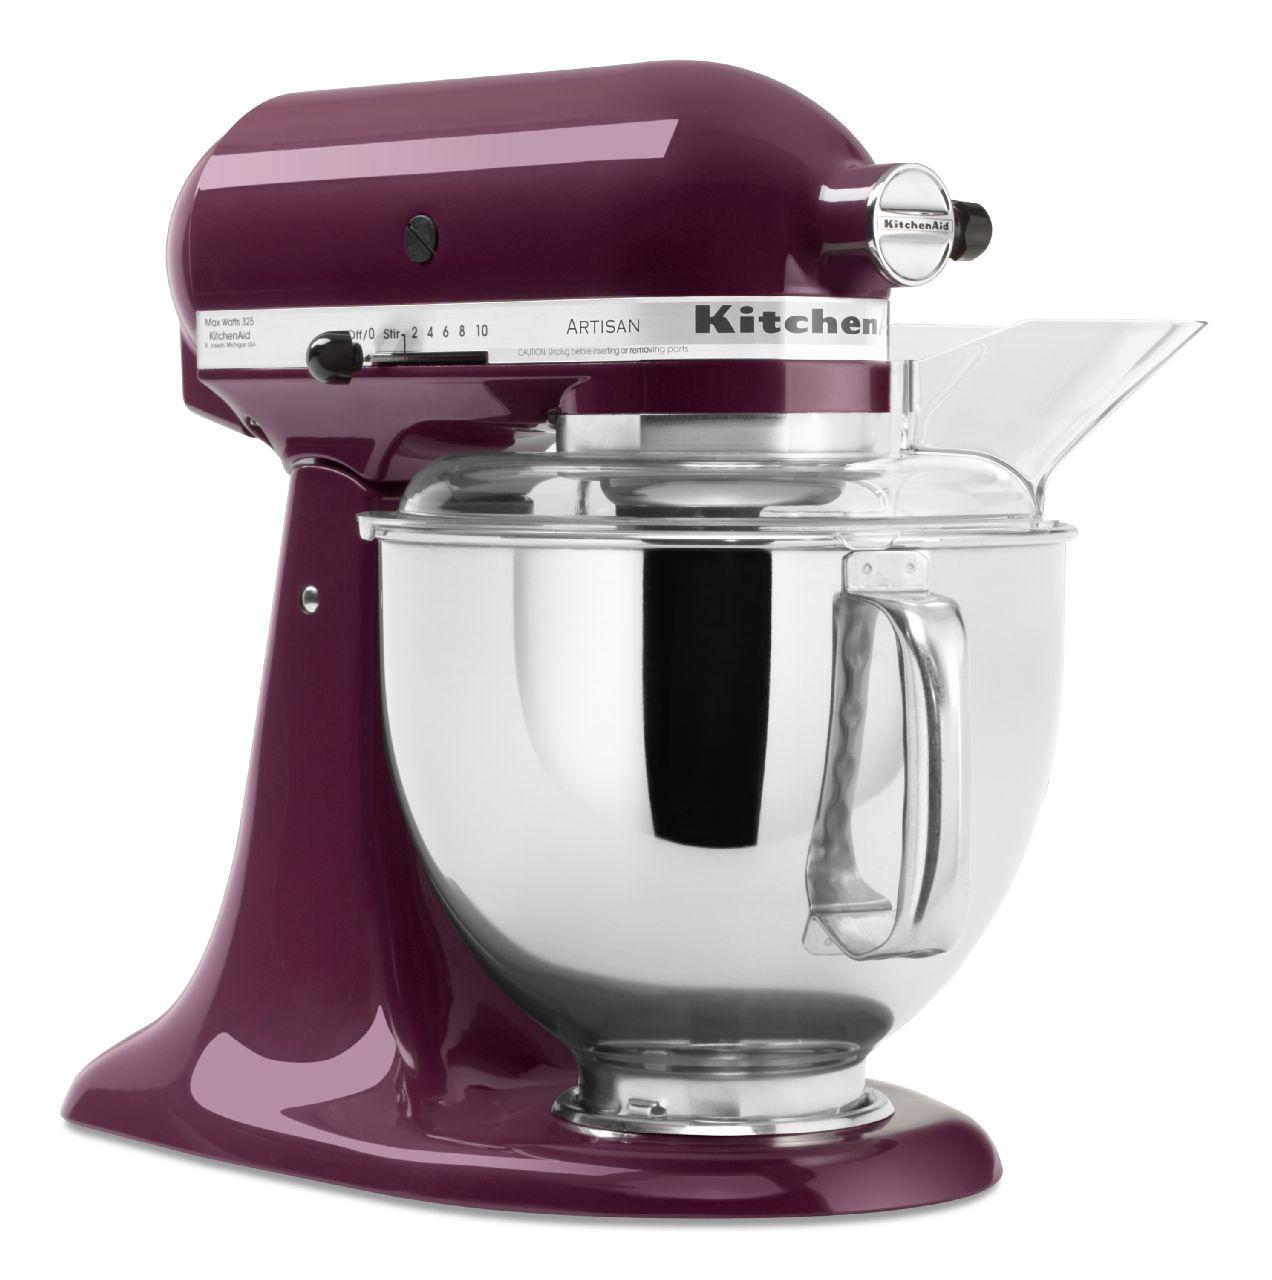 Kitchenaid Artisan Design Series 5 Qt Stand Mixer kitchenaid artisan series 5-quart tilt-head stand mixer | ebay